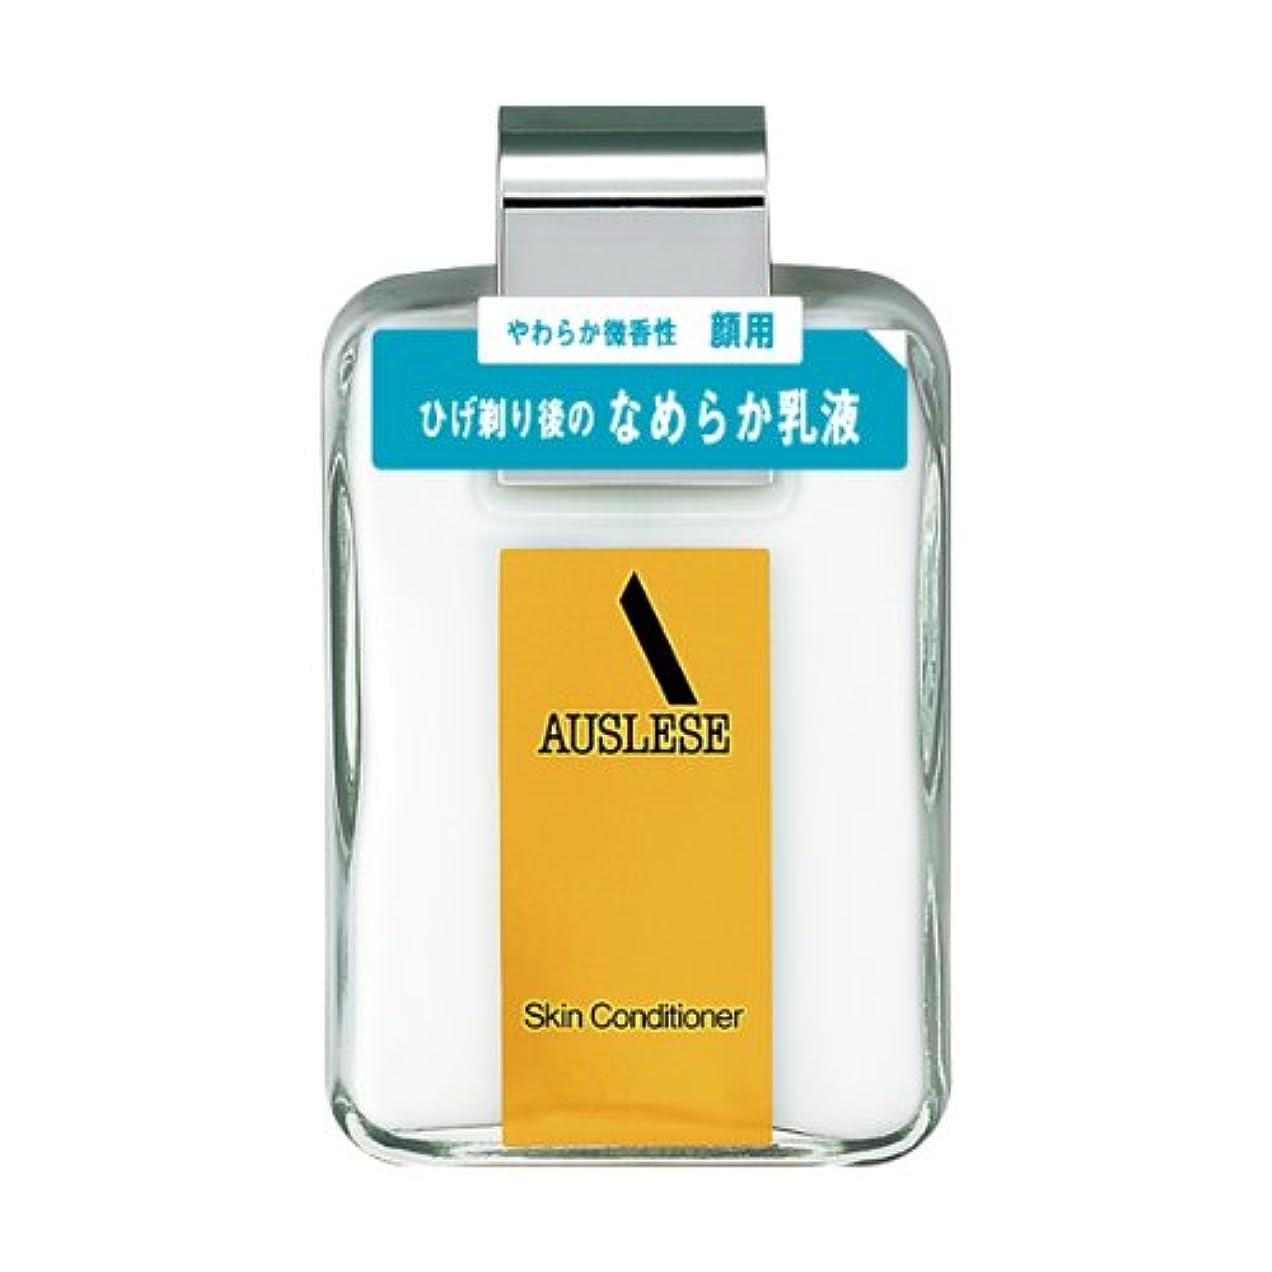 アウスレーゼ スキンコンディショナーNA 120mL 【医薬部外品】